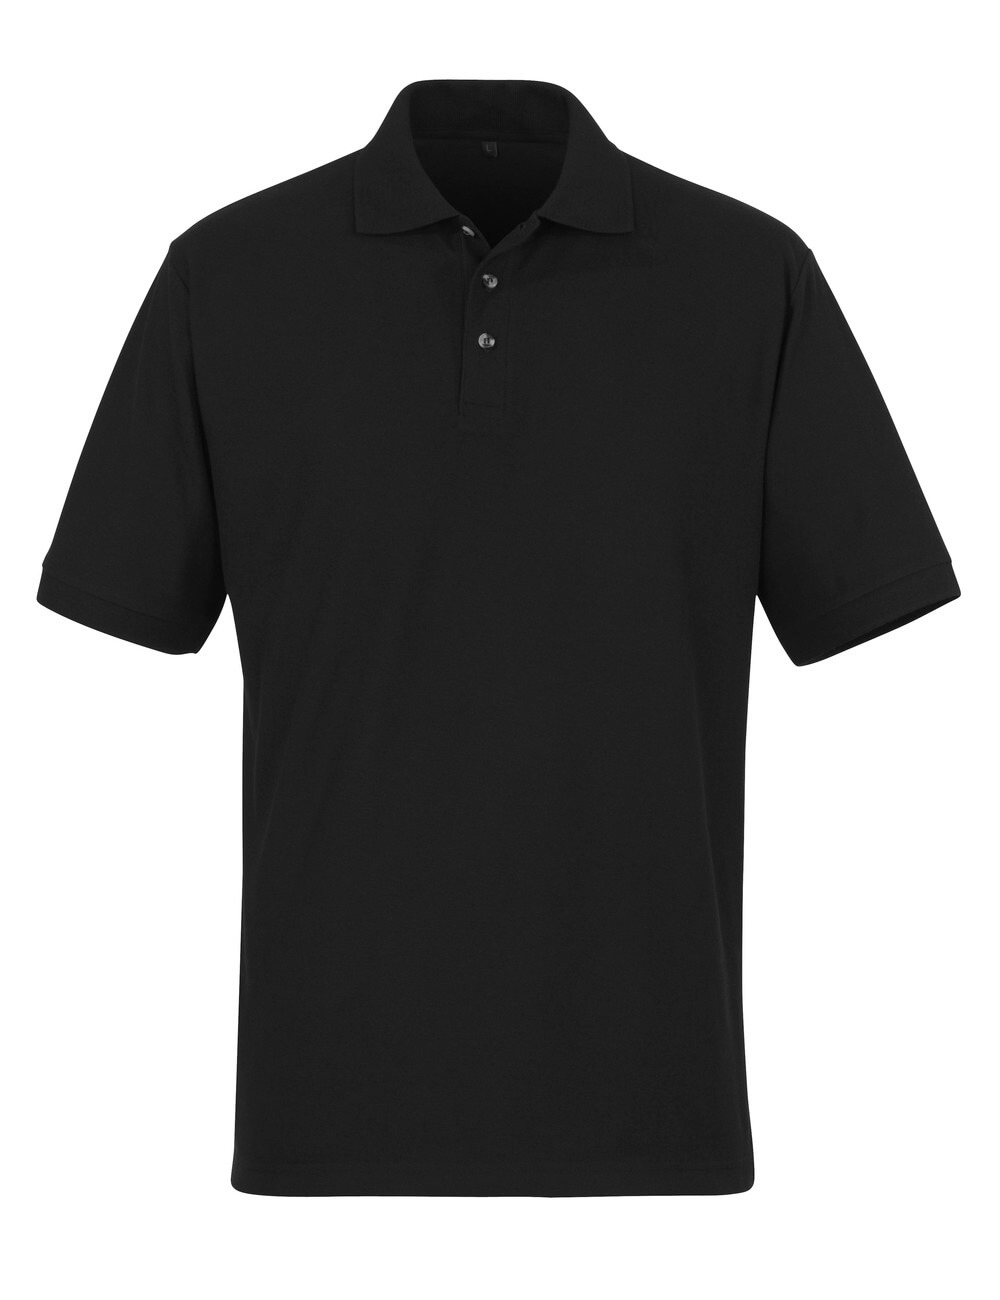 50200-922-B26 Poloshirt - Diepzwart